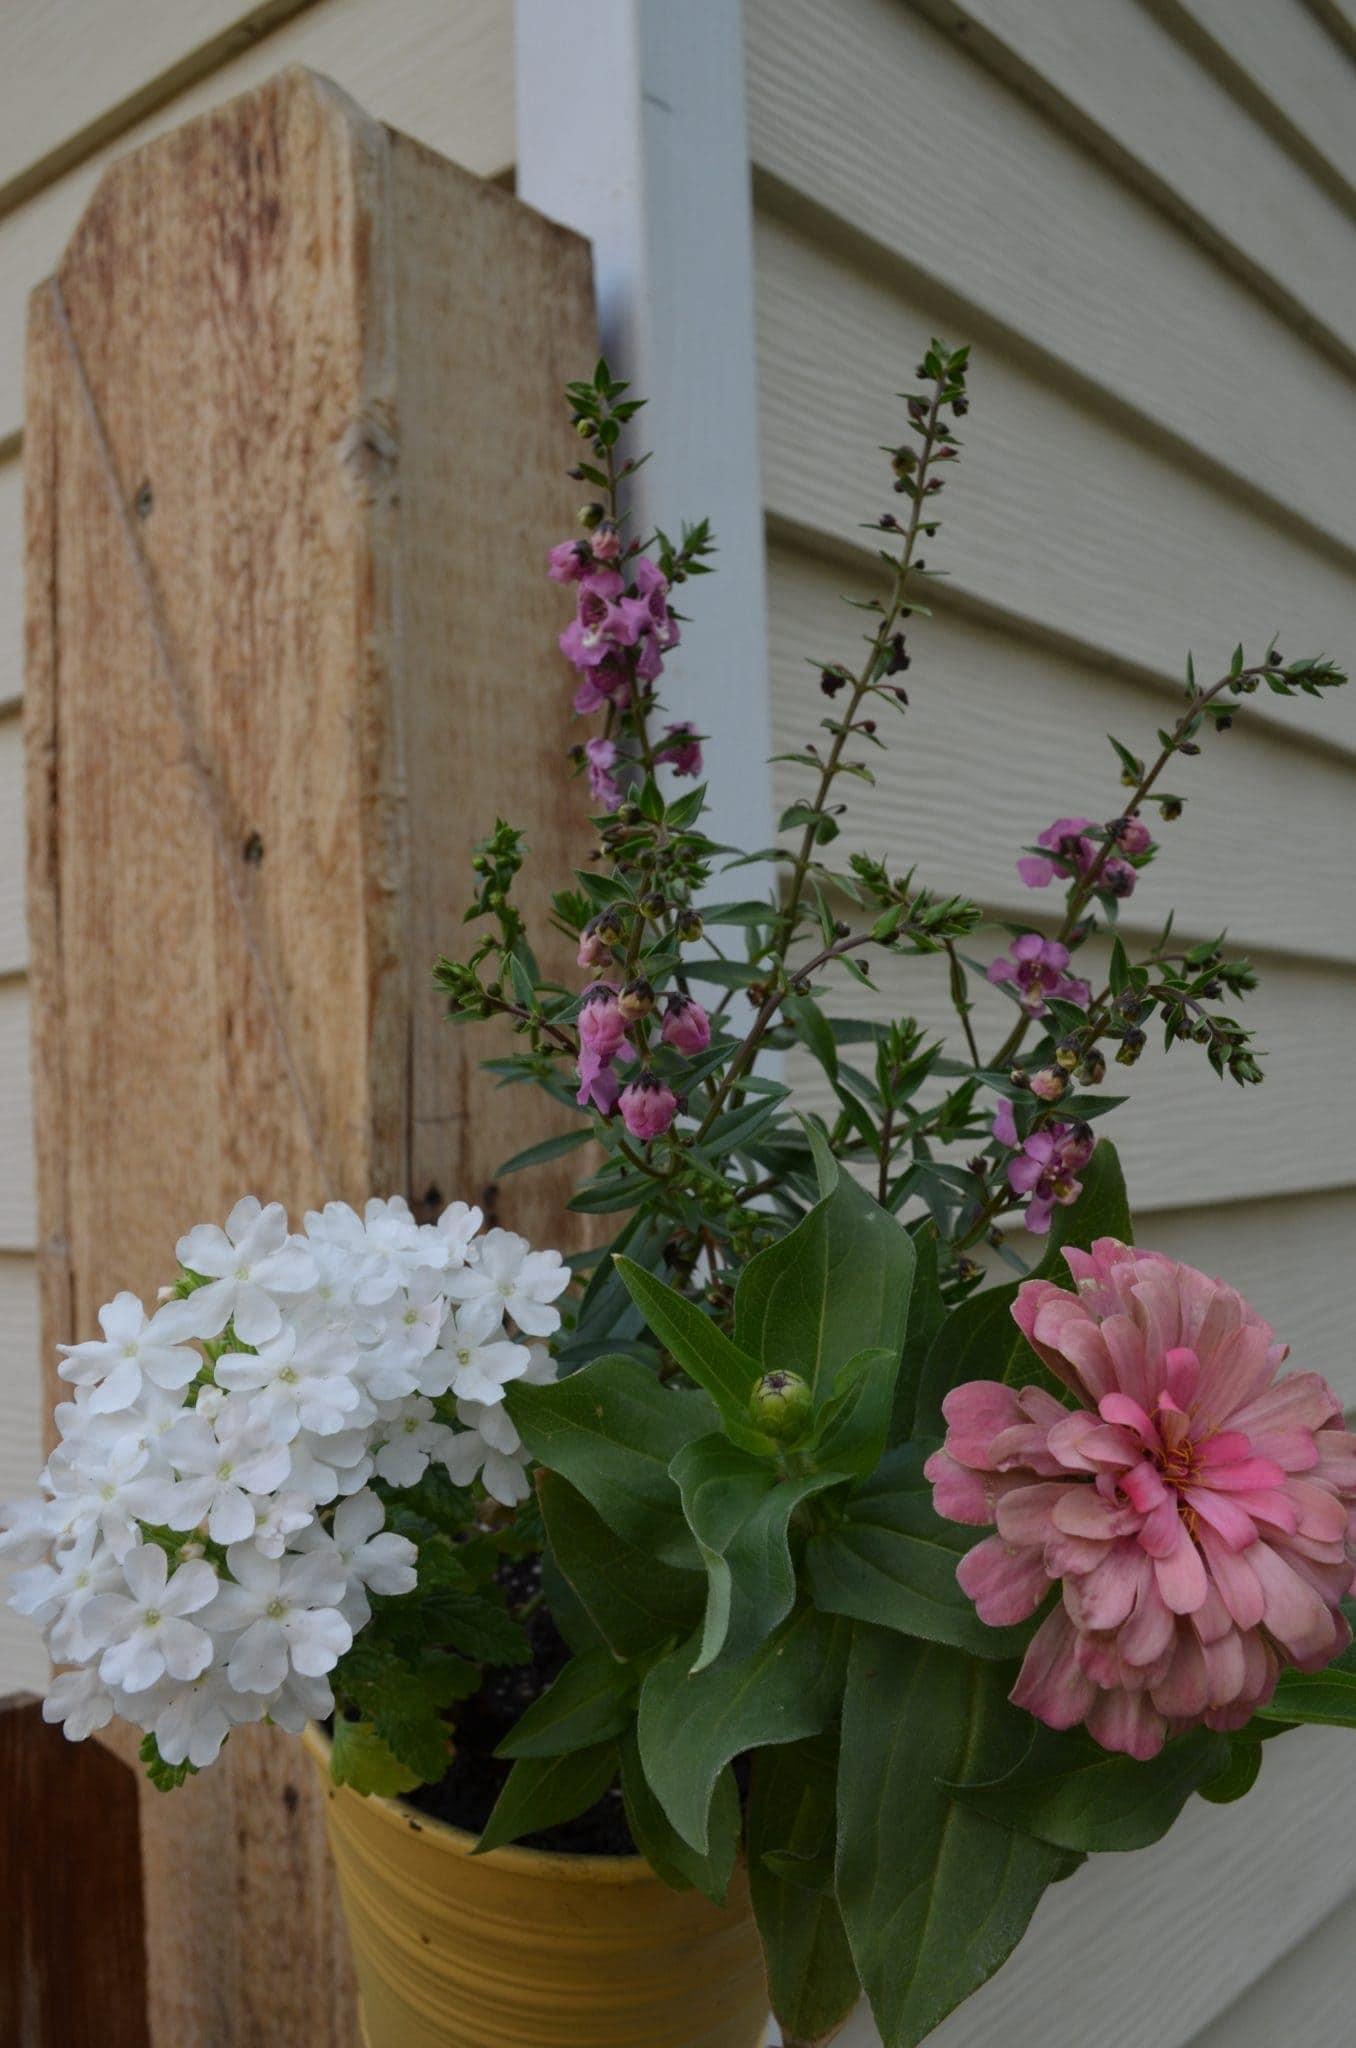 DIY Hanging Flower Pots